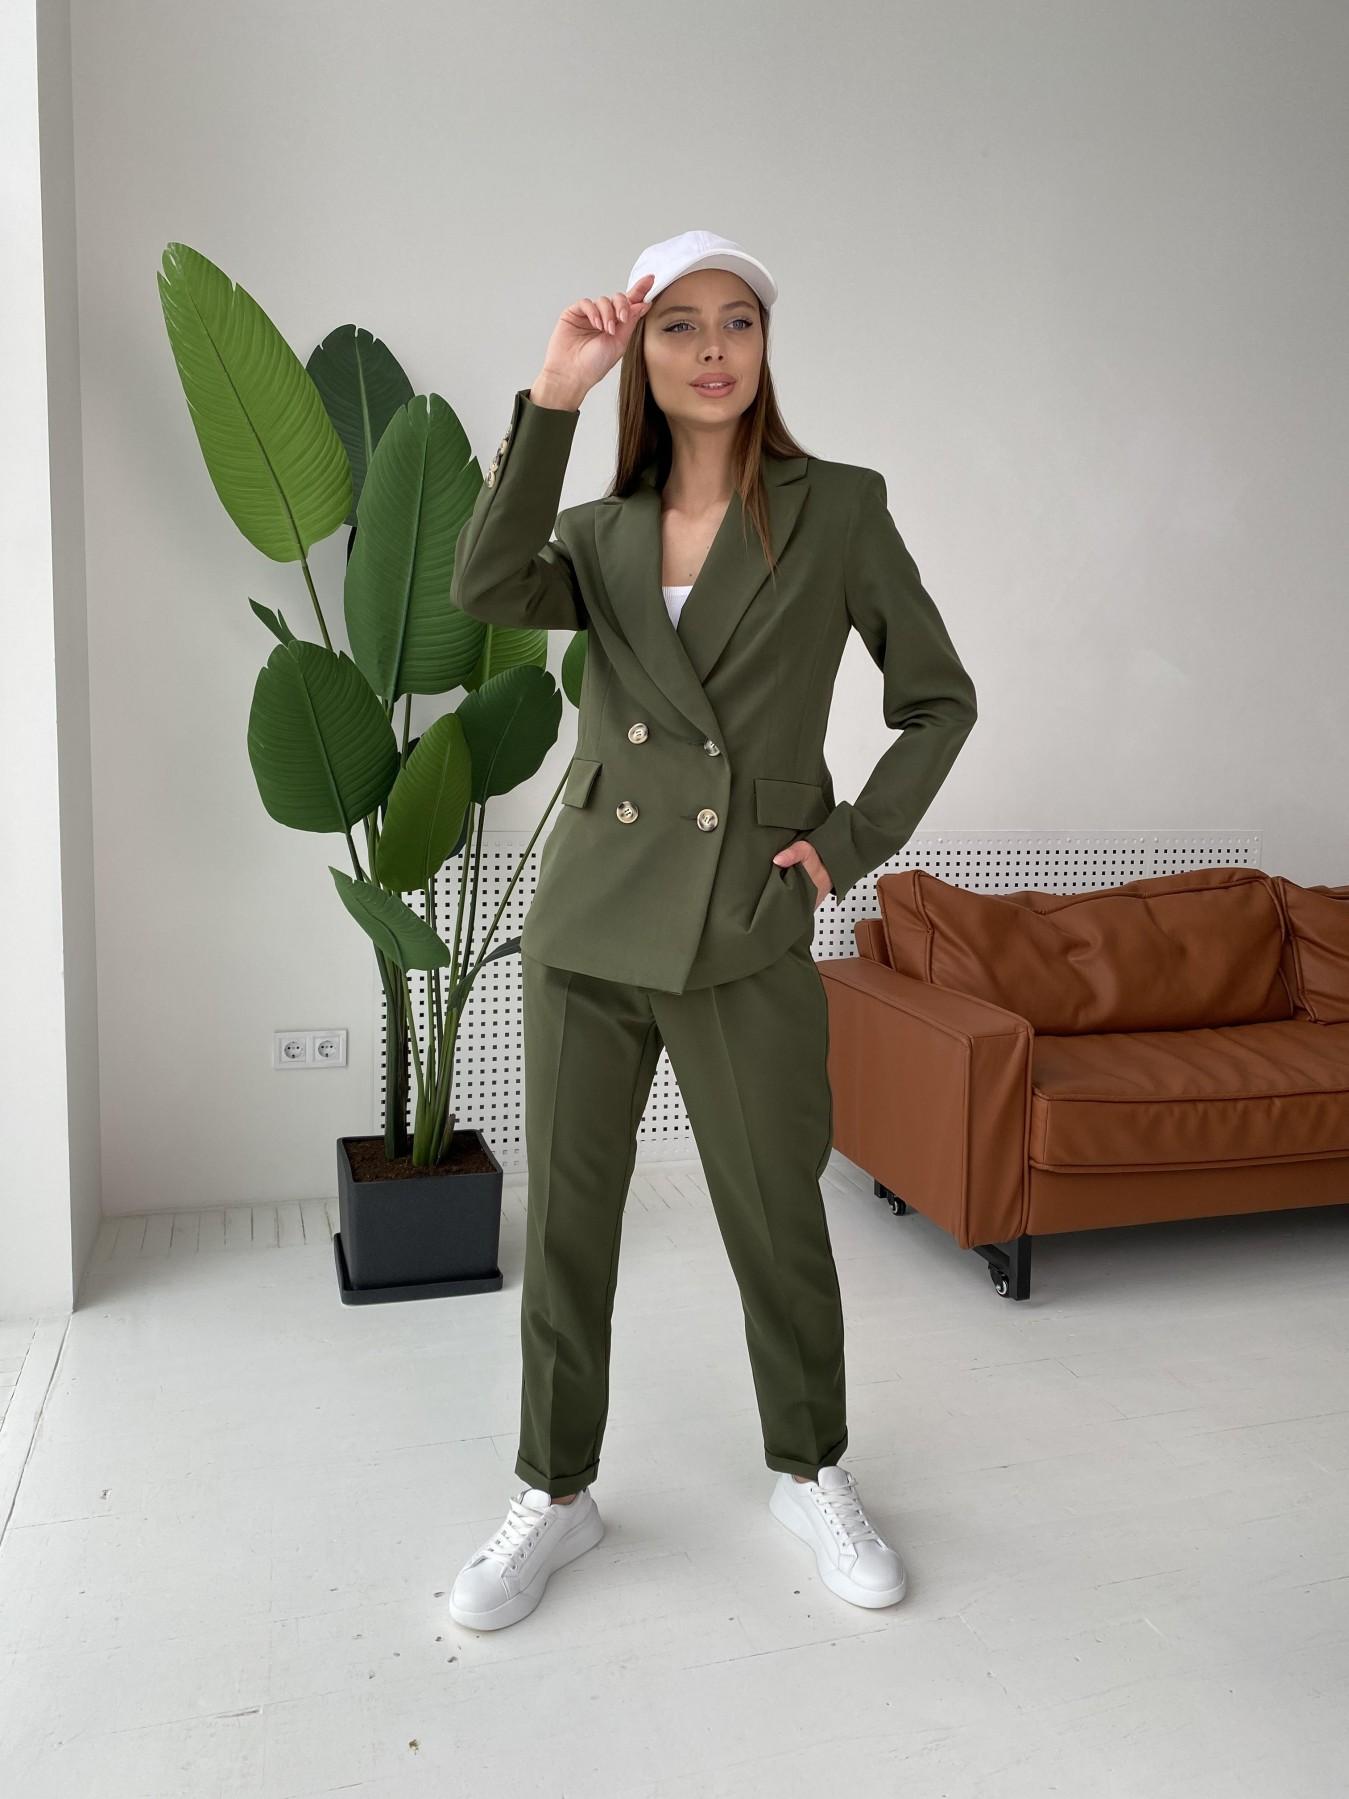 Франко костюм из костюмной ткани 11090 АРТ. 47970 Цвет: Хаки - фото 1, интернет магазин tm-modus.ru